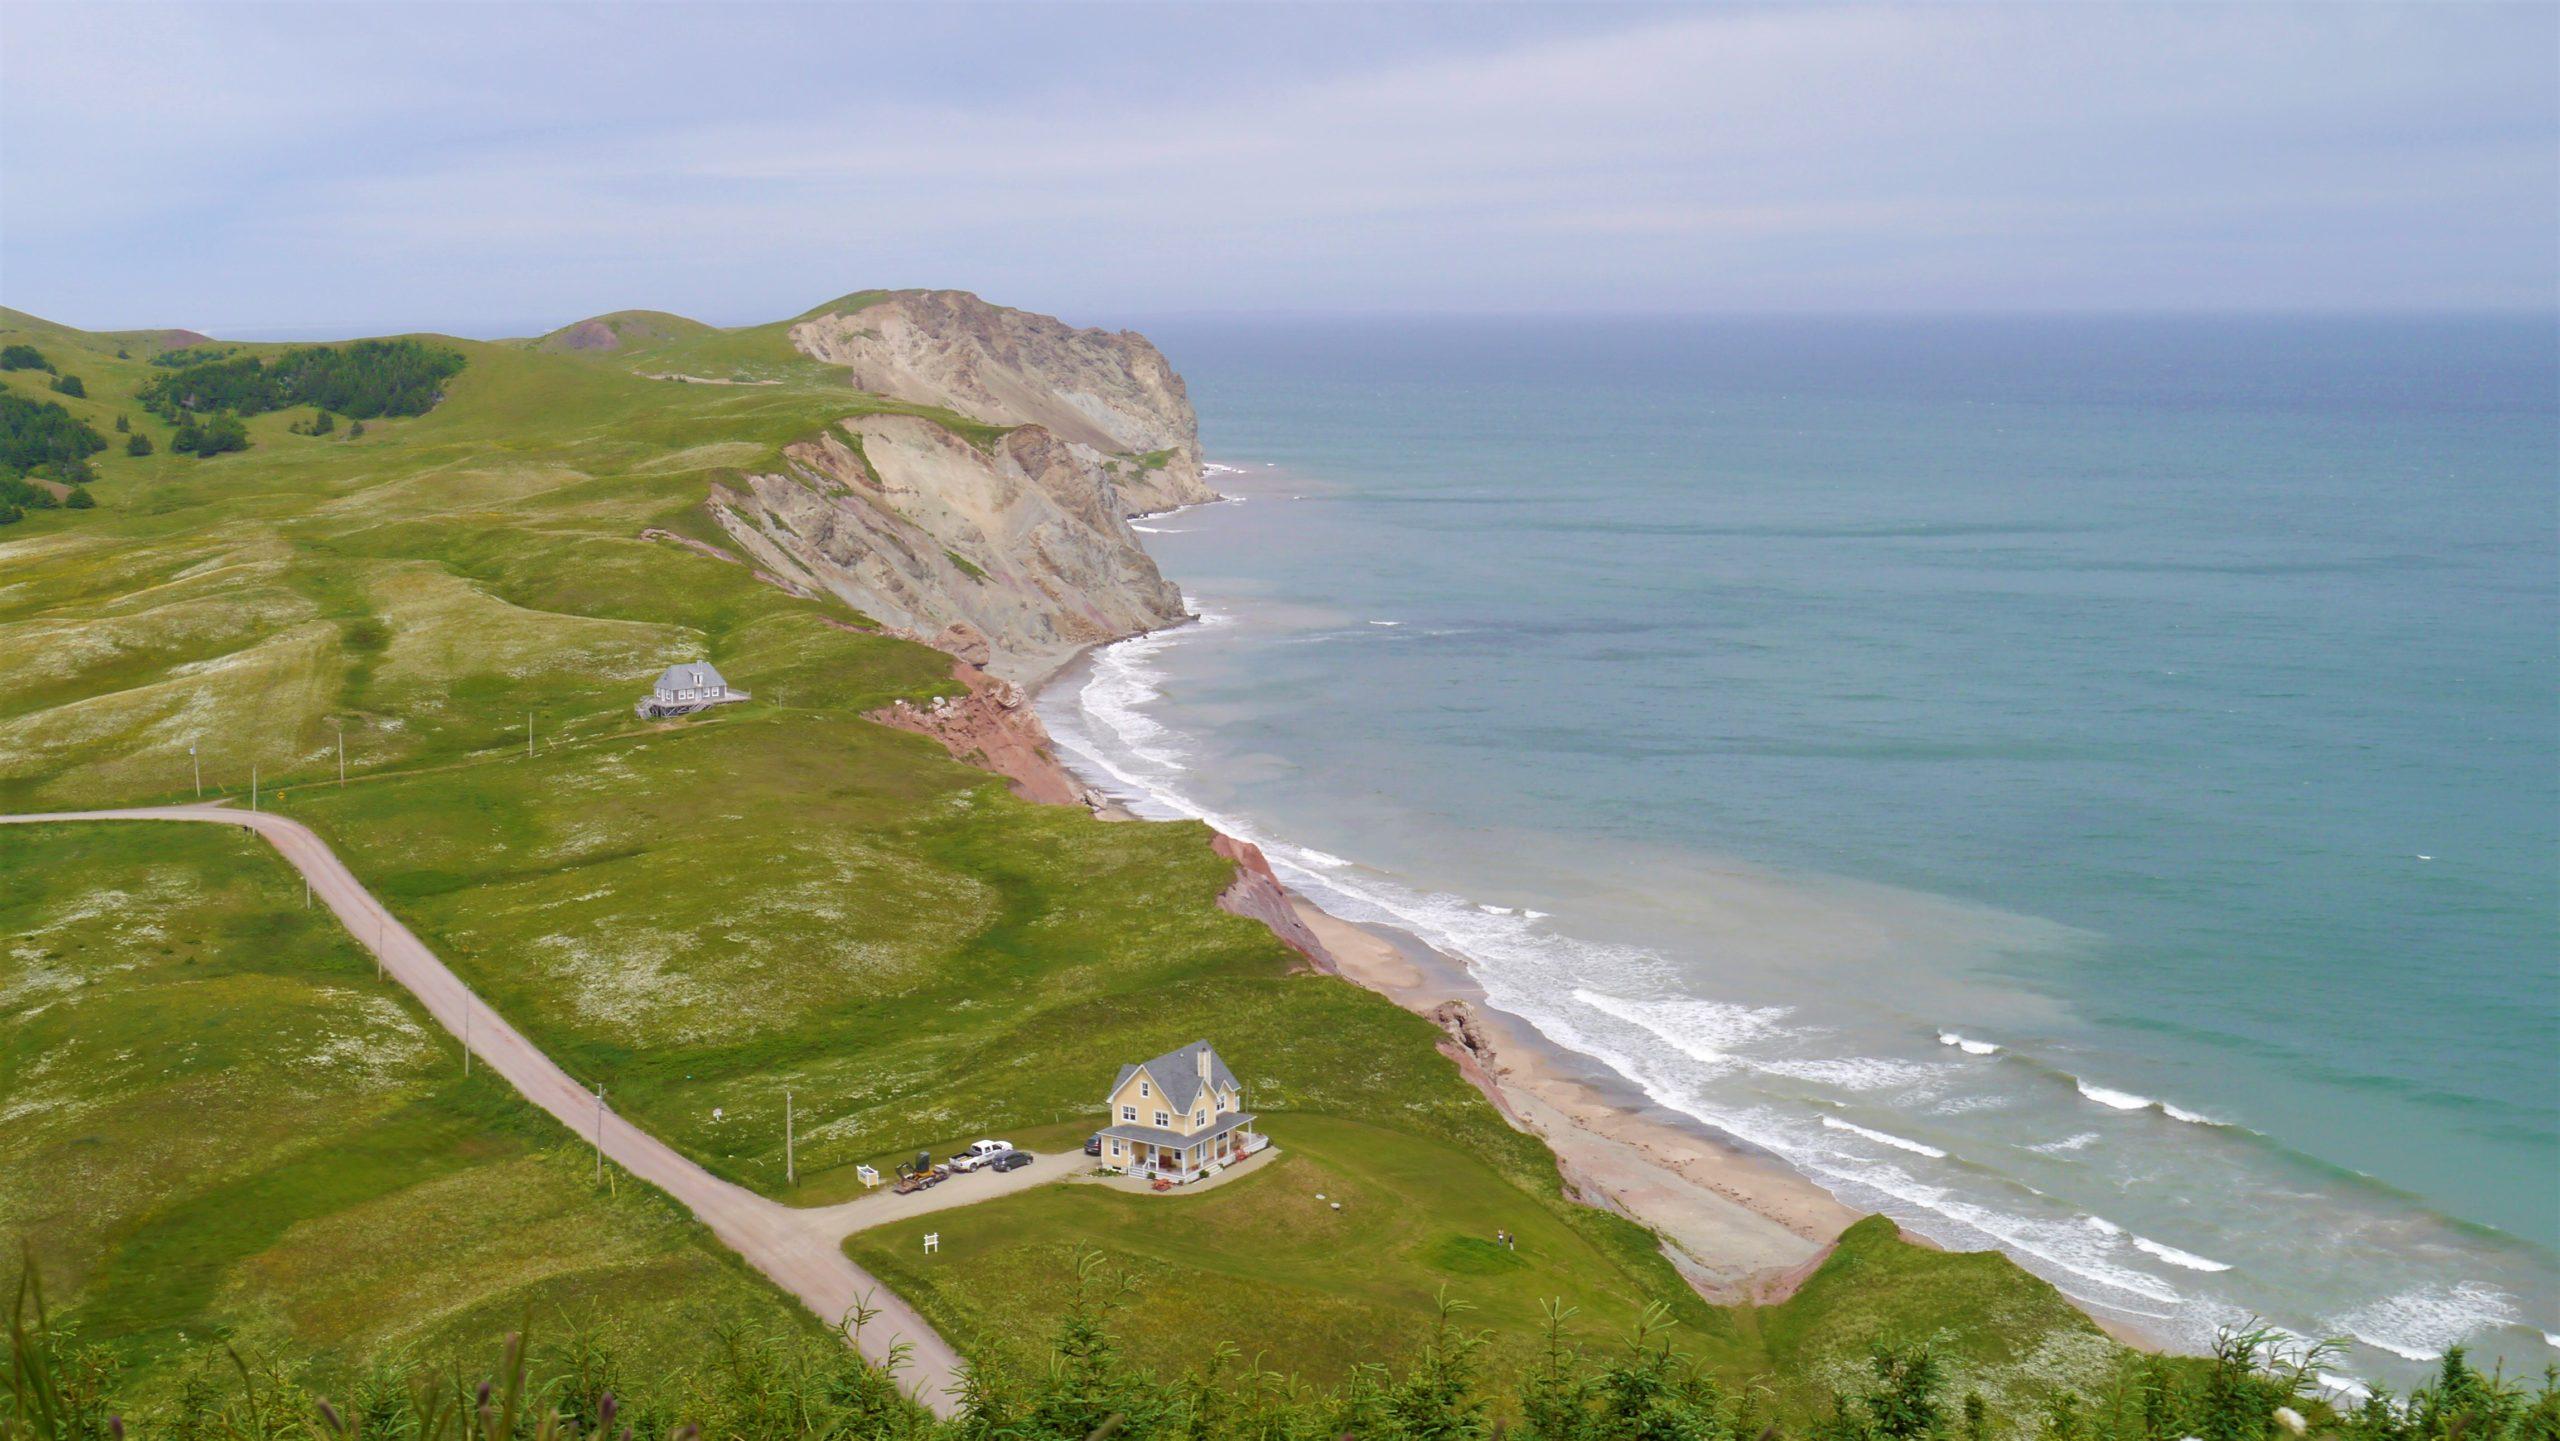 Iles de la Madeleine randonnée Butte Ronde voyage Québec Canada blog arpenter le chemin